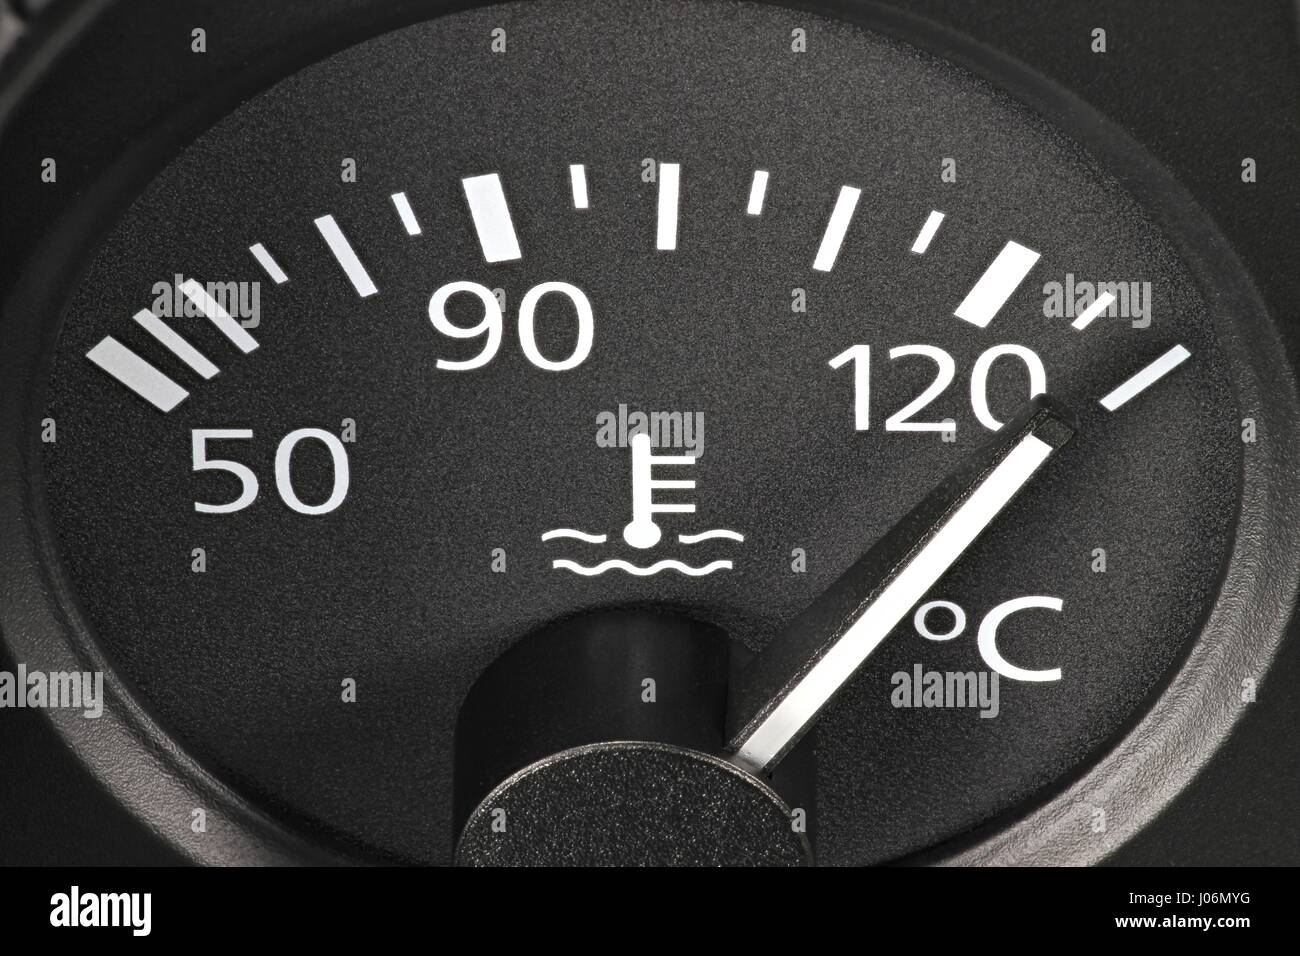 Indicatore di temperatura nel cruscotto di automobile - hot Immagini Stock